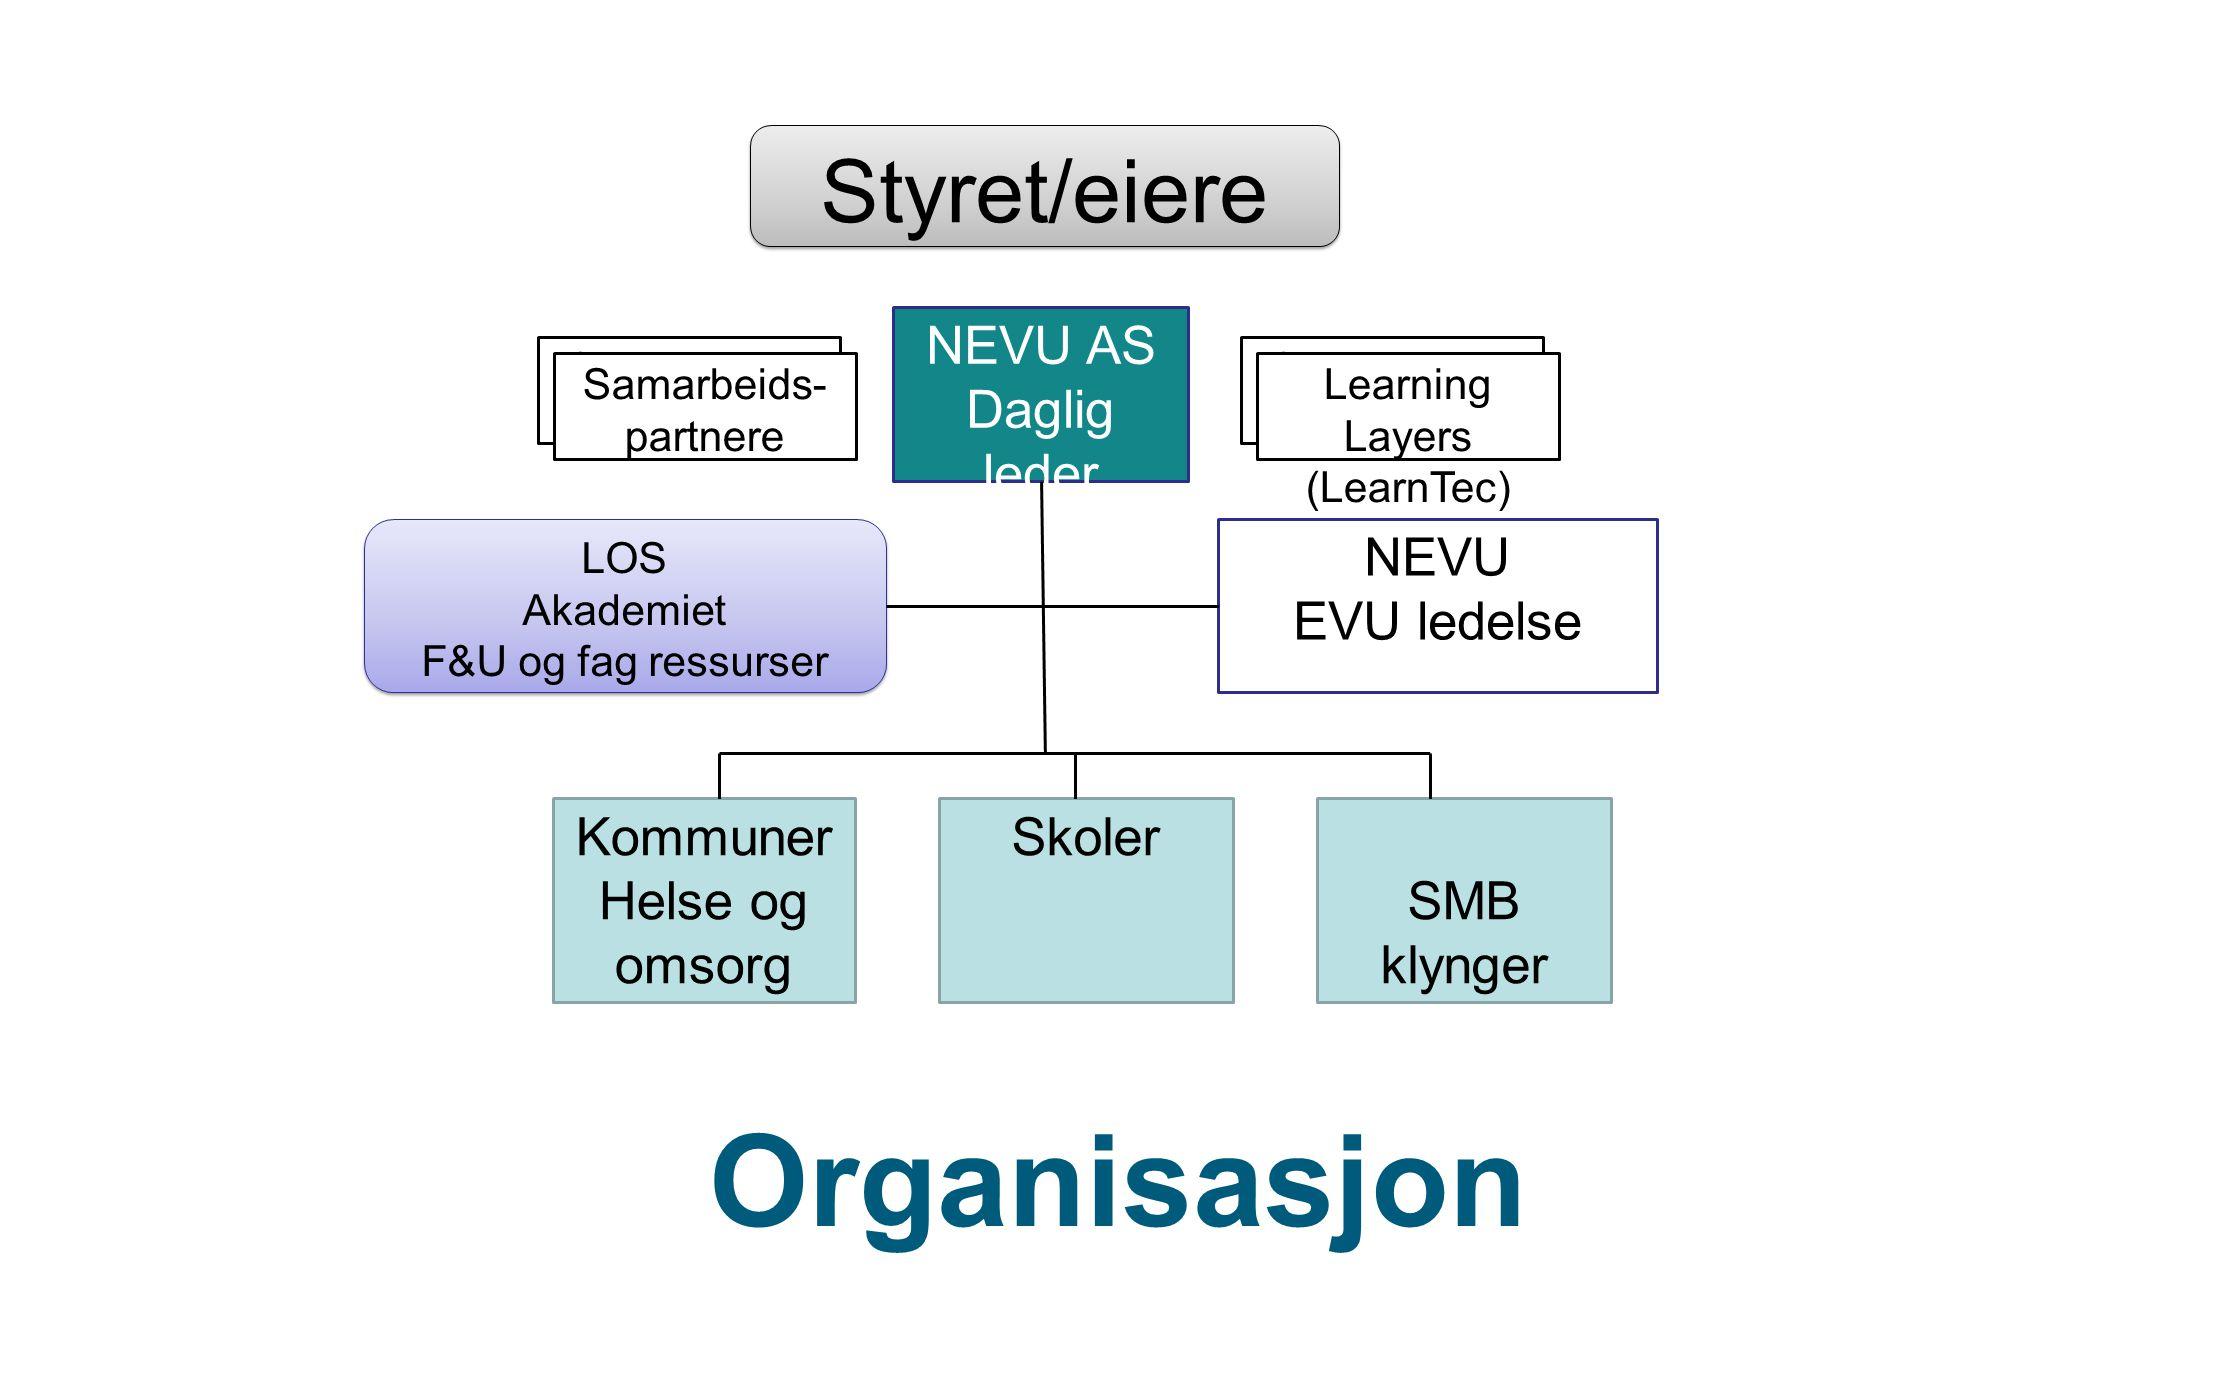 Organisasjon Styret/eiere NEVU AS Daglig leder NEVU EVU ledelse